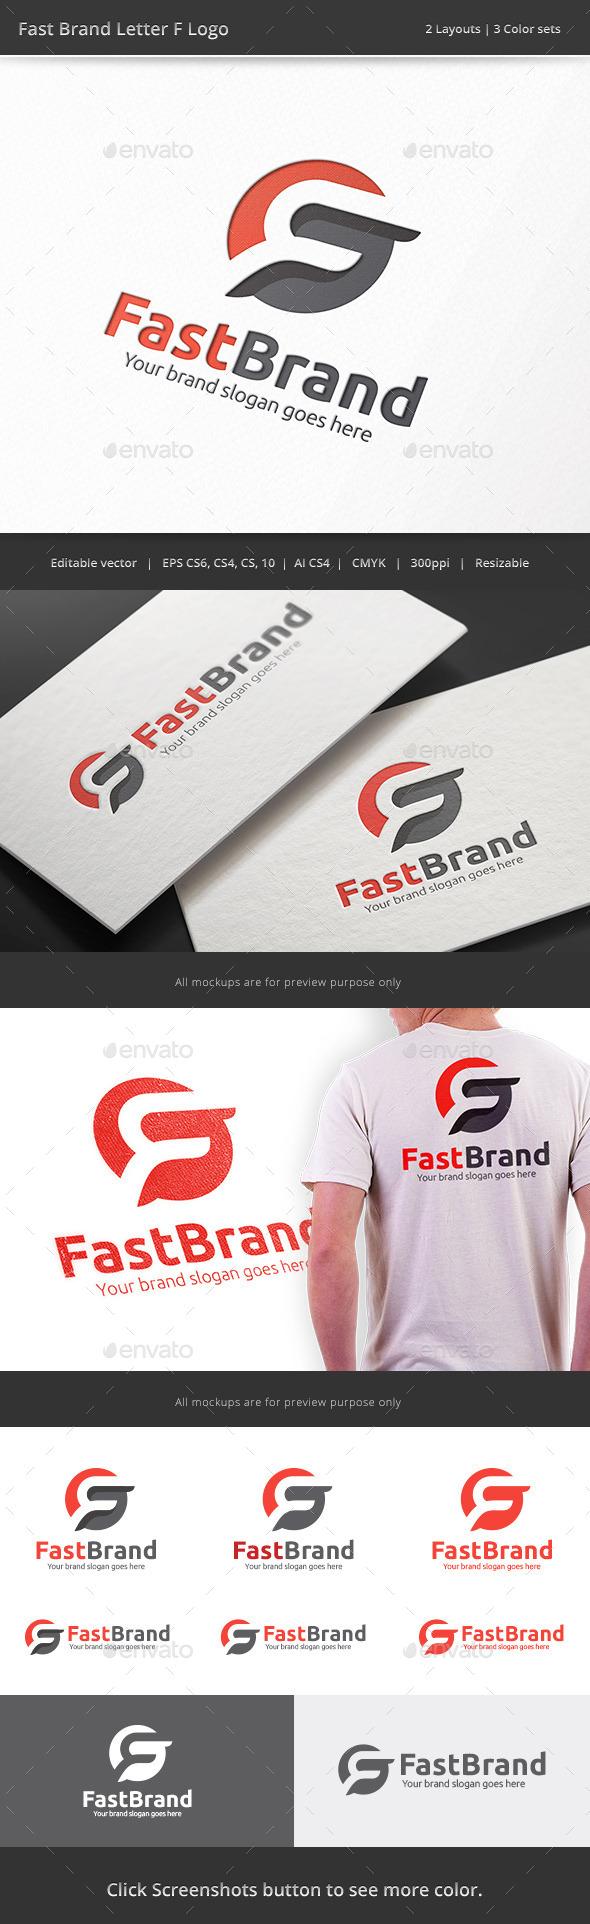 GraphicRiver Fast Brand Letter F Logo 8988631